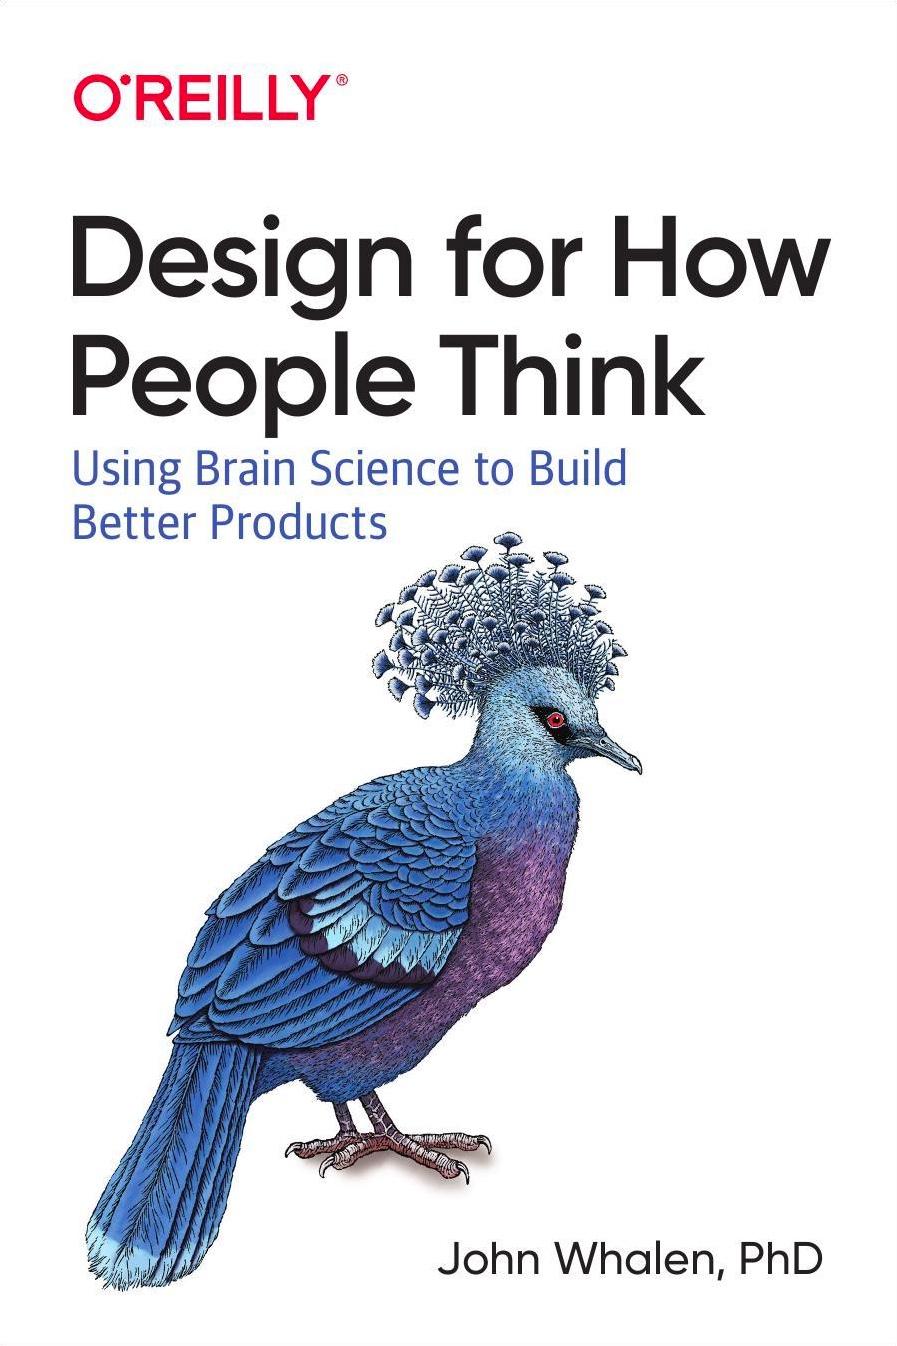 DesignForHowPeopleThink_JohnWhalen.jpg